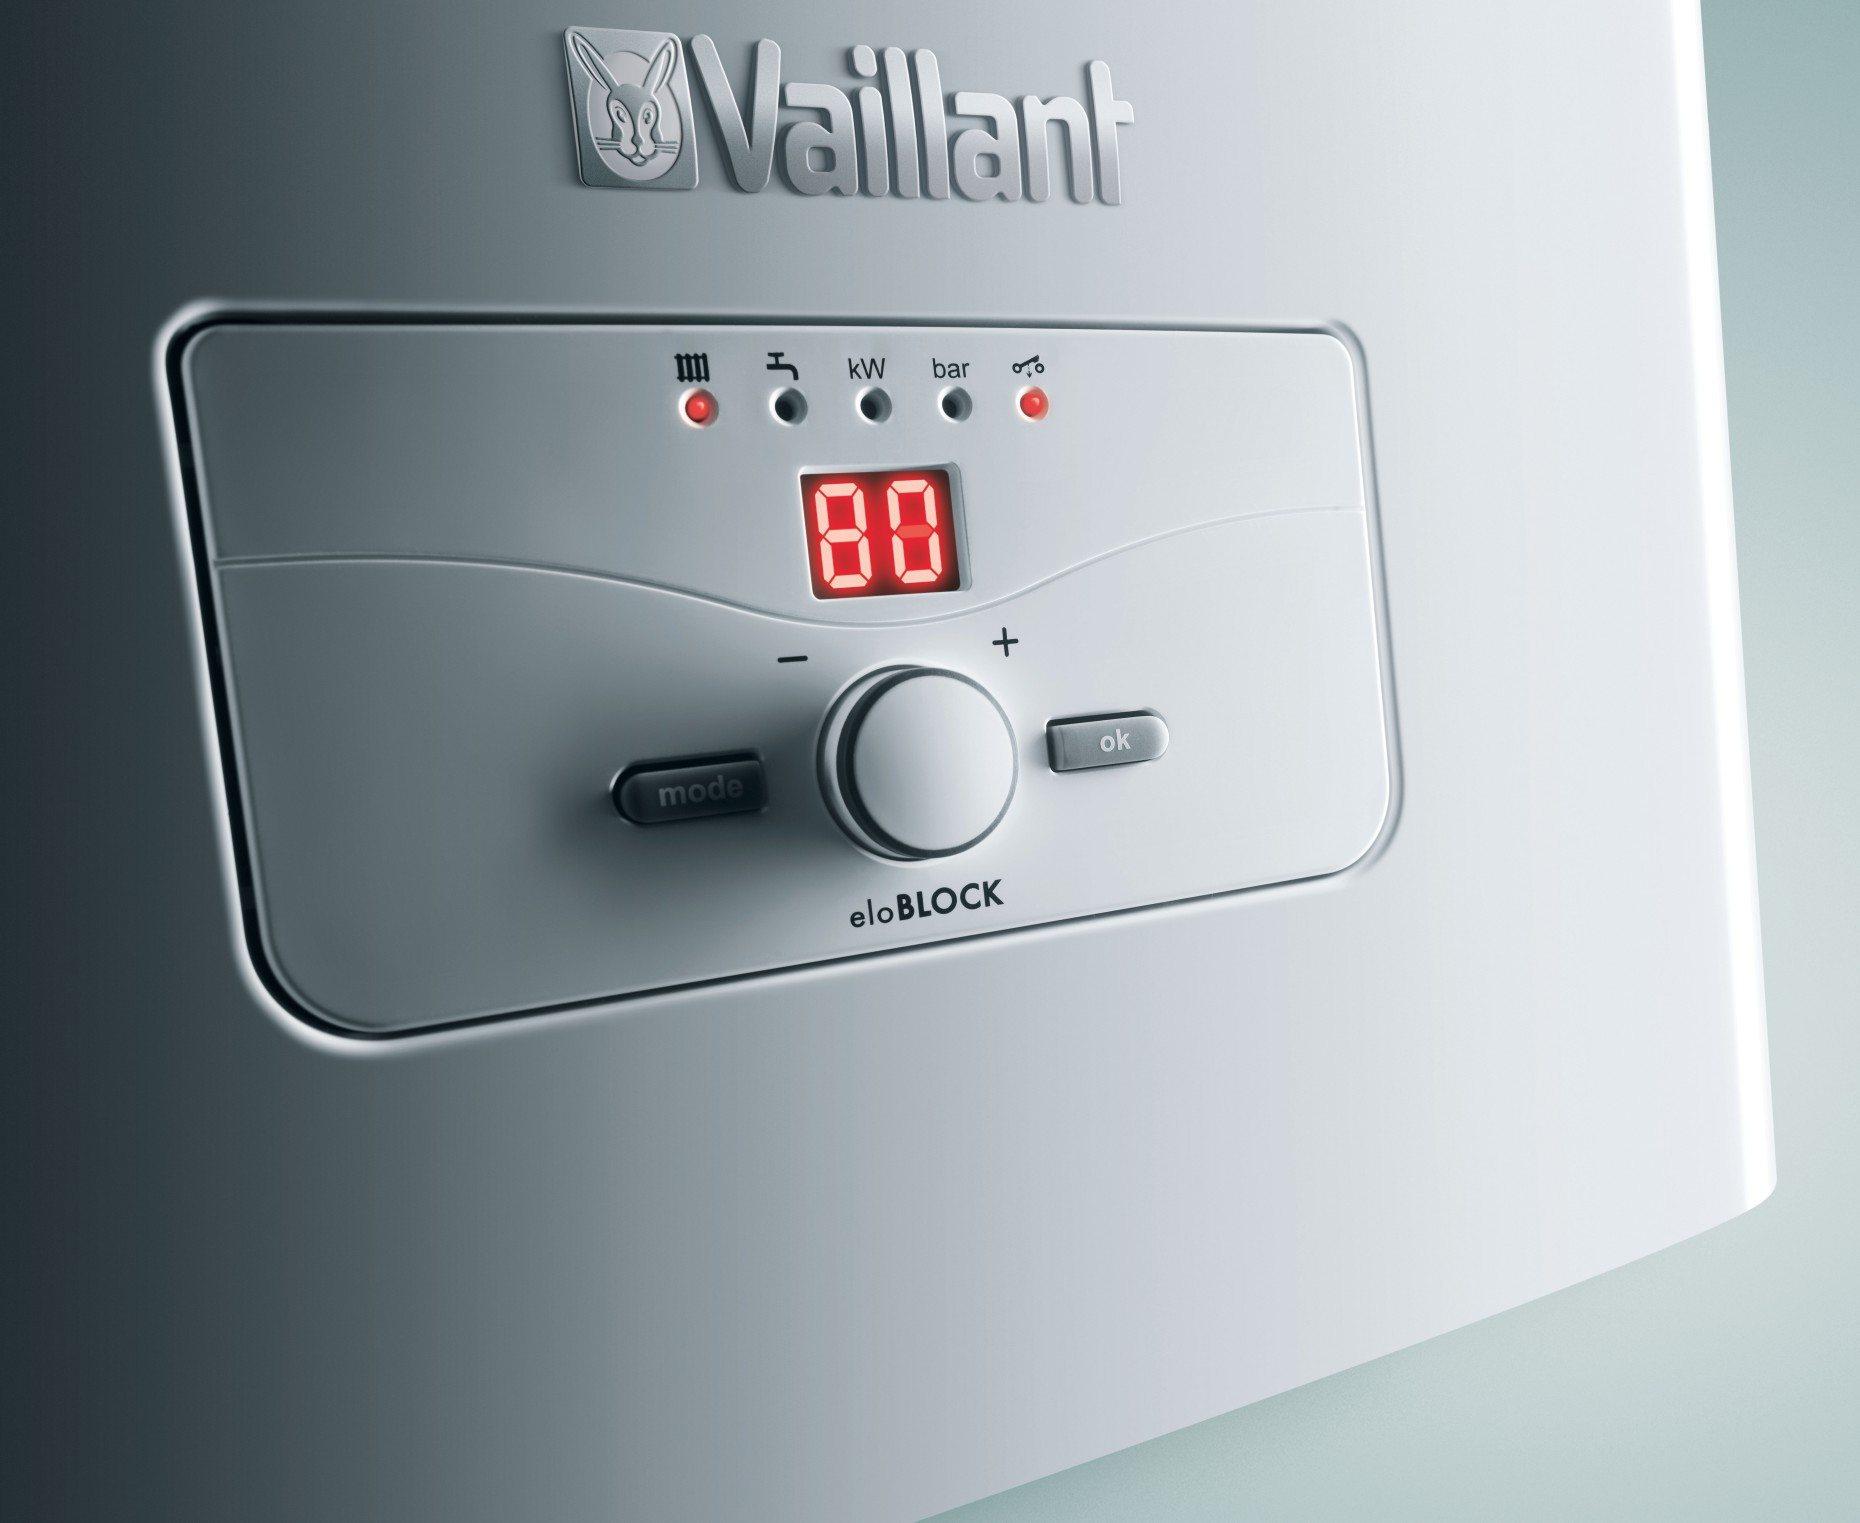 Нагрев воду до нужной температуры, котел отключает нагрев и ждет охлаждения теплоносителя.